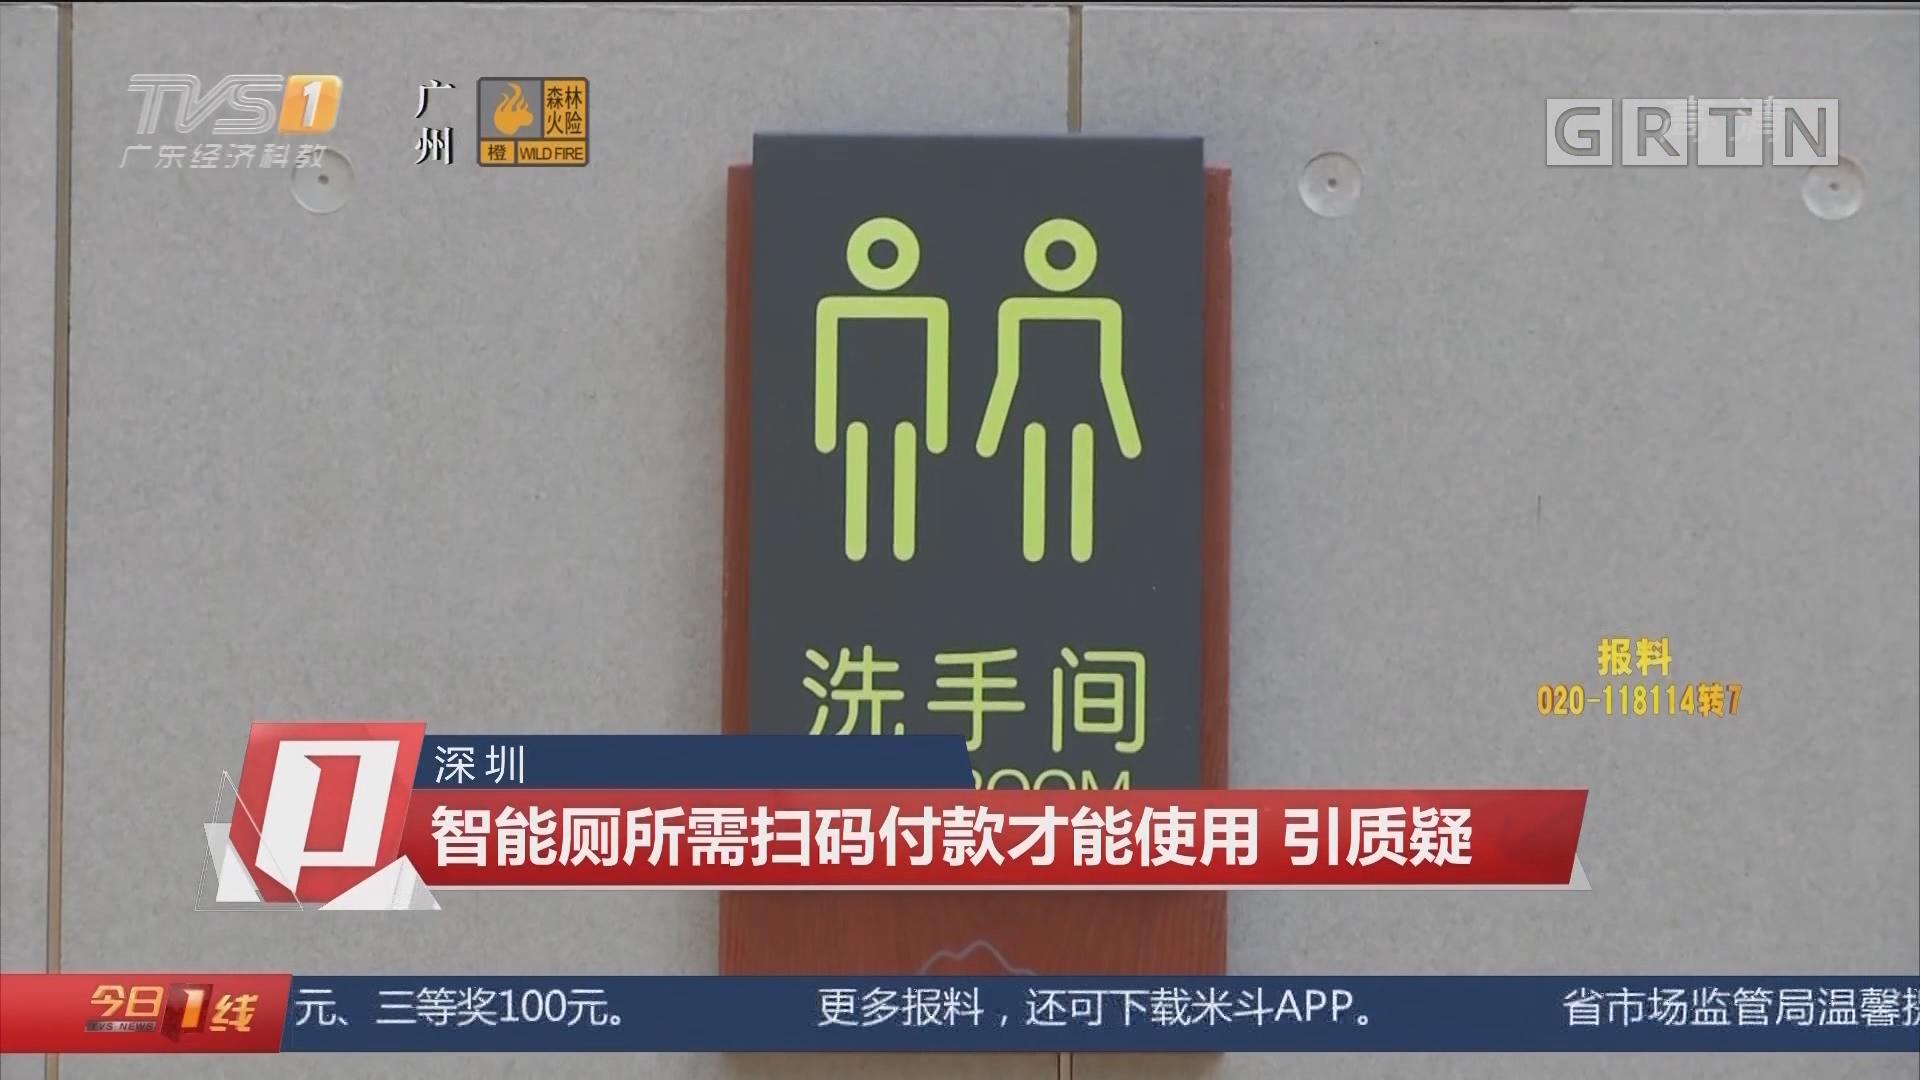 深圳:智能厕所需扫码付款才能使用 引质疑